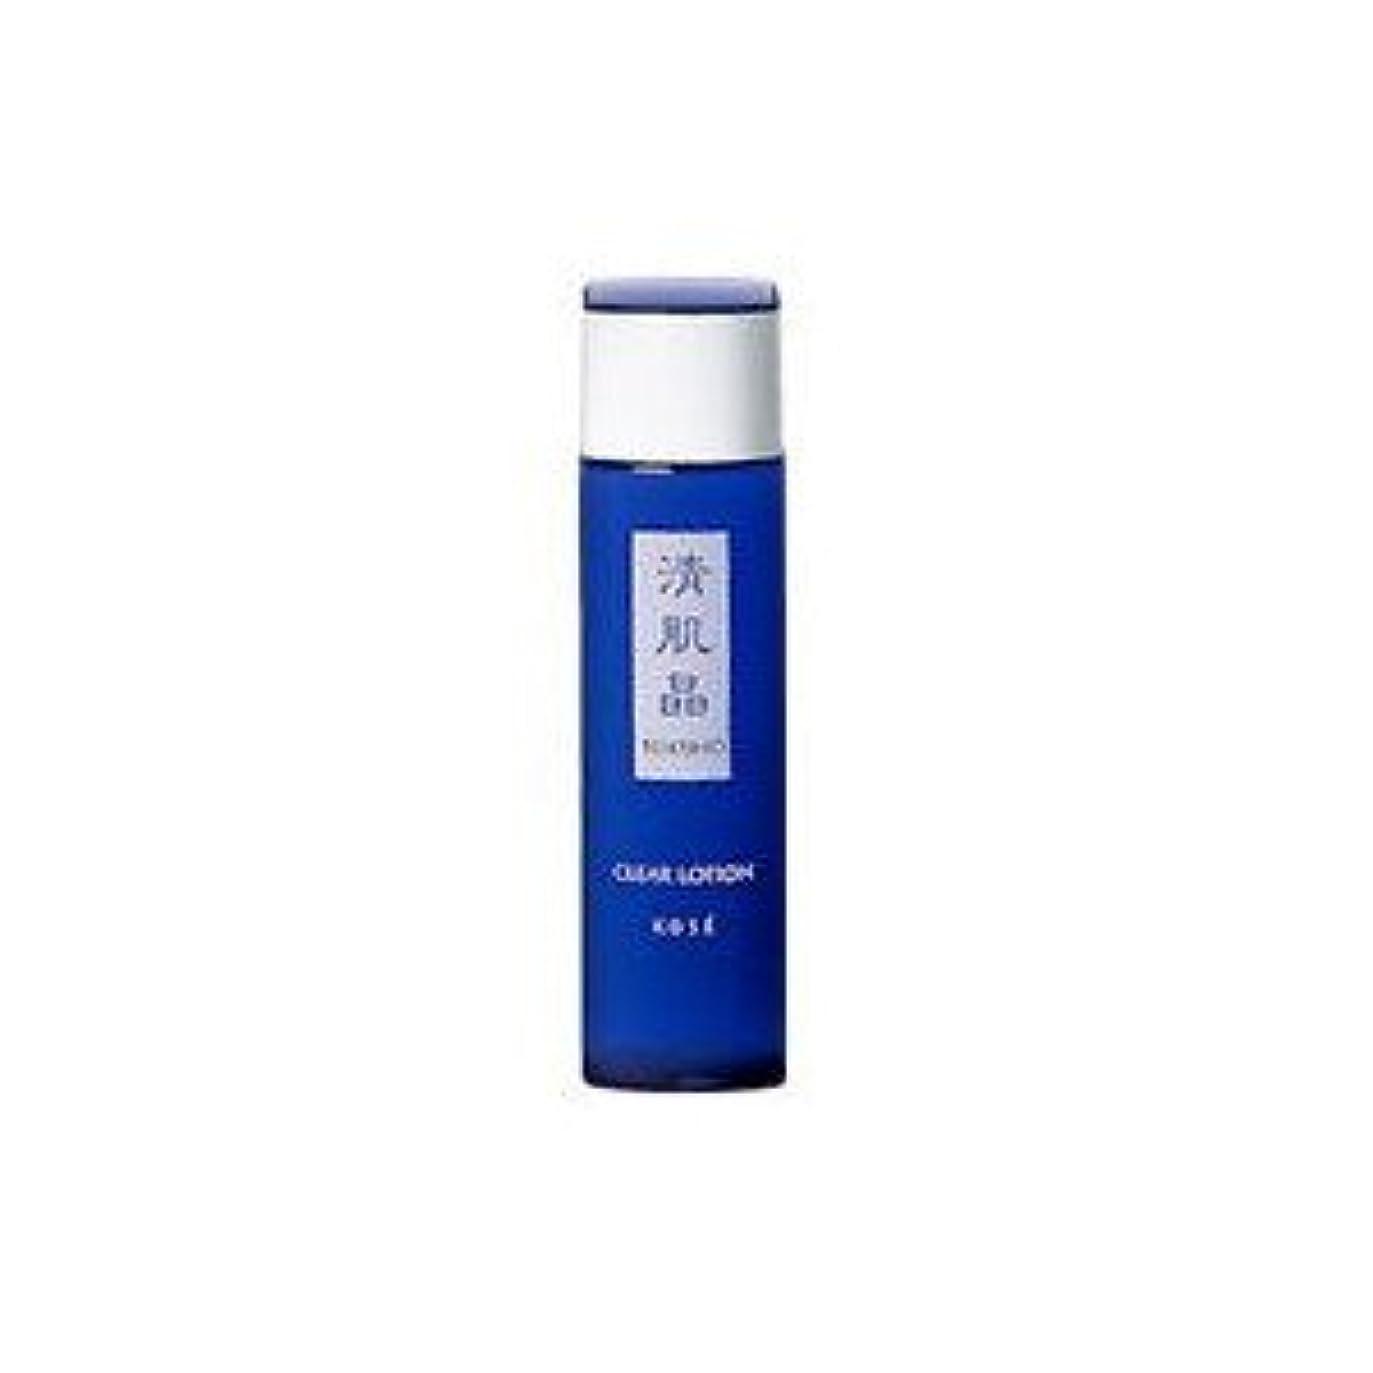 適応する助けてグループコーセー 清肌晶 クリア ローション 150ml 化粧水 アウトレット